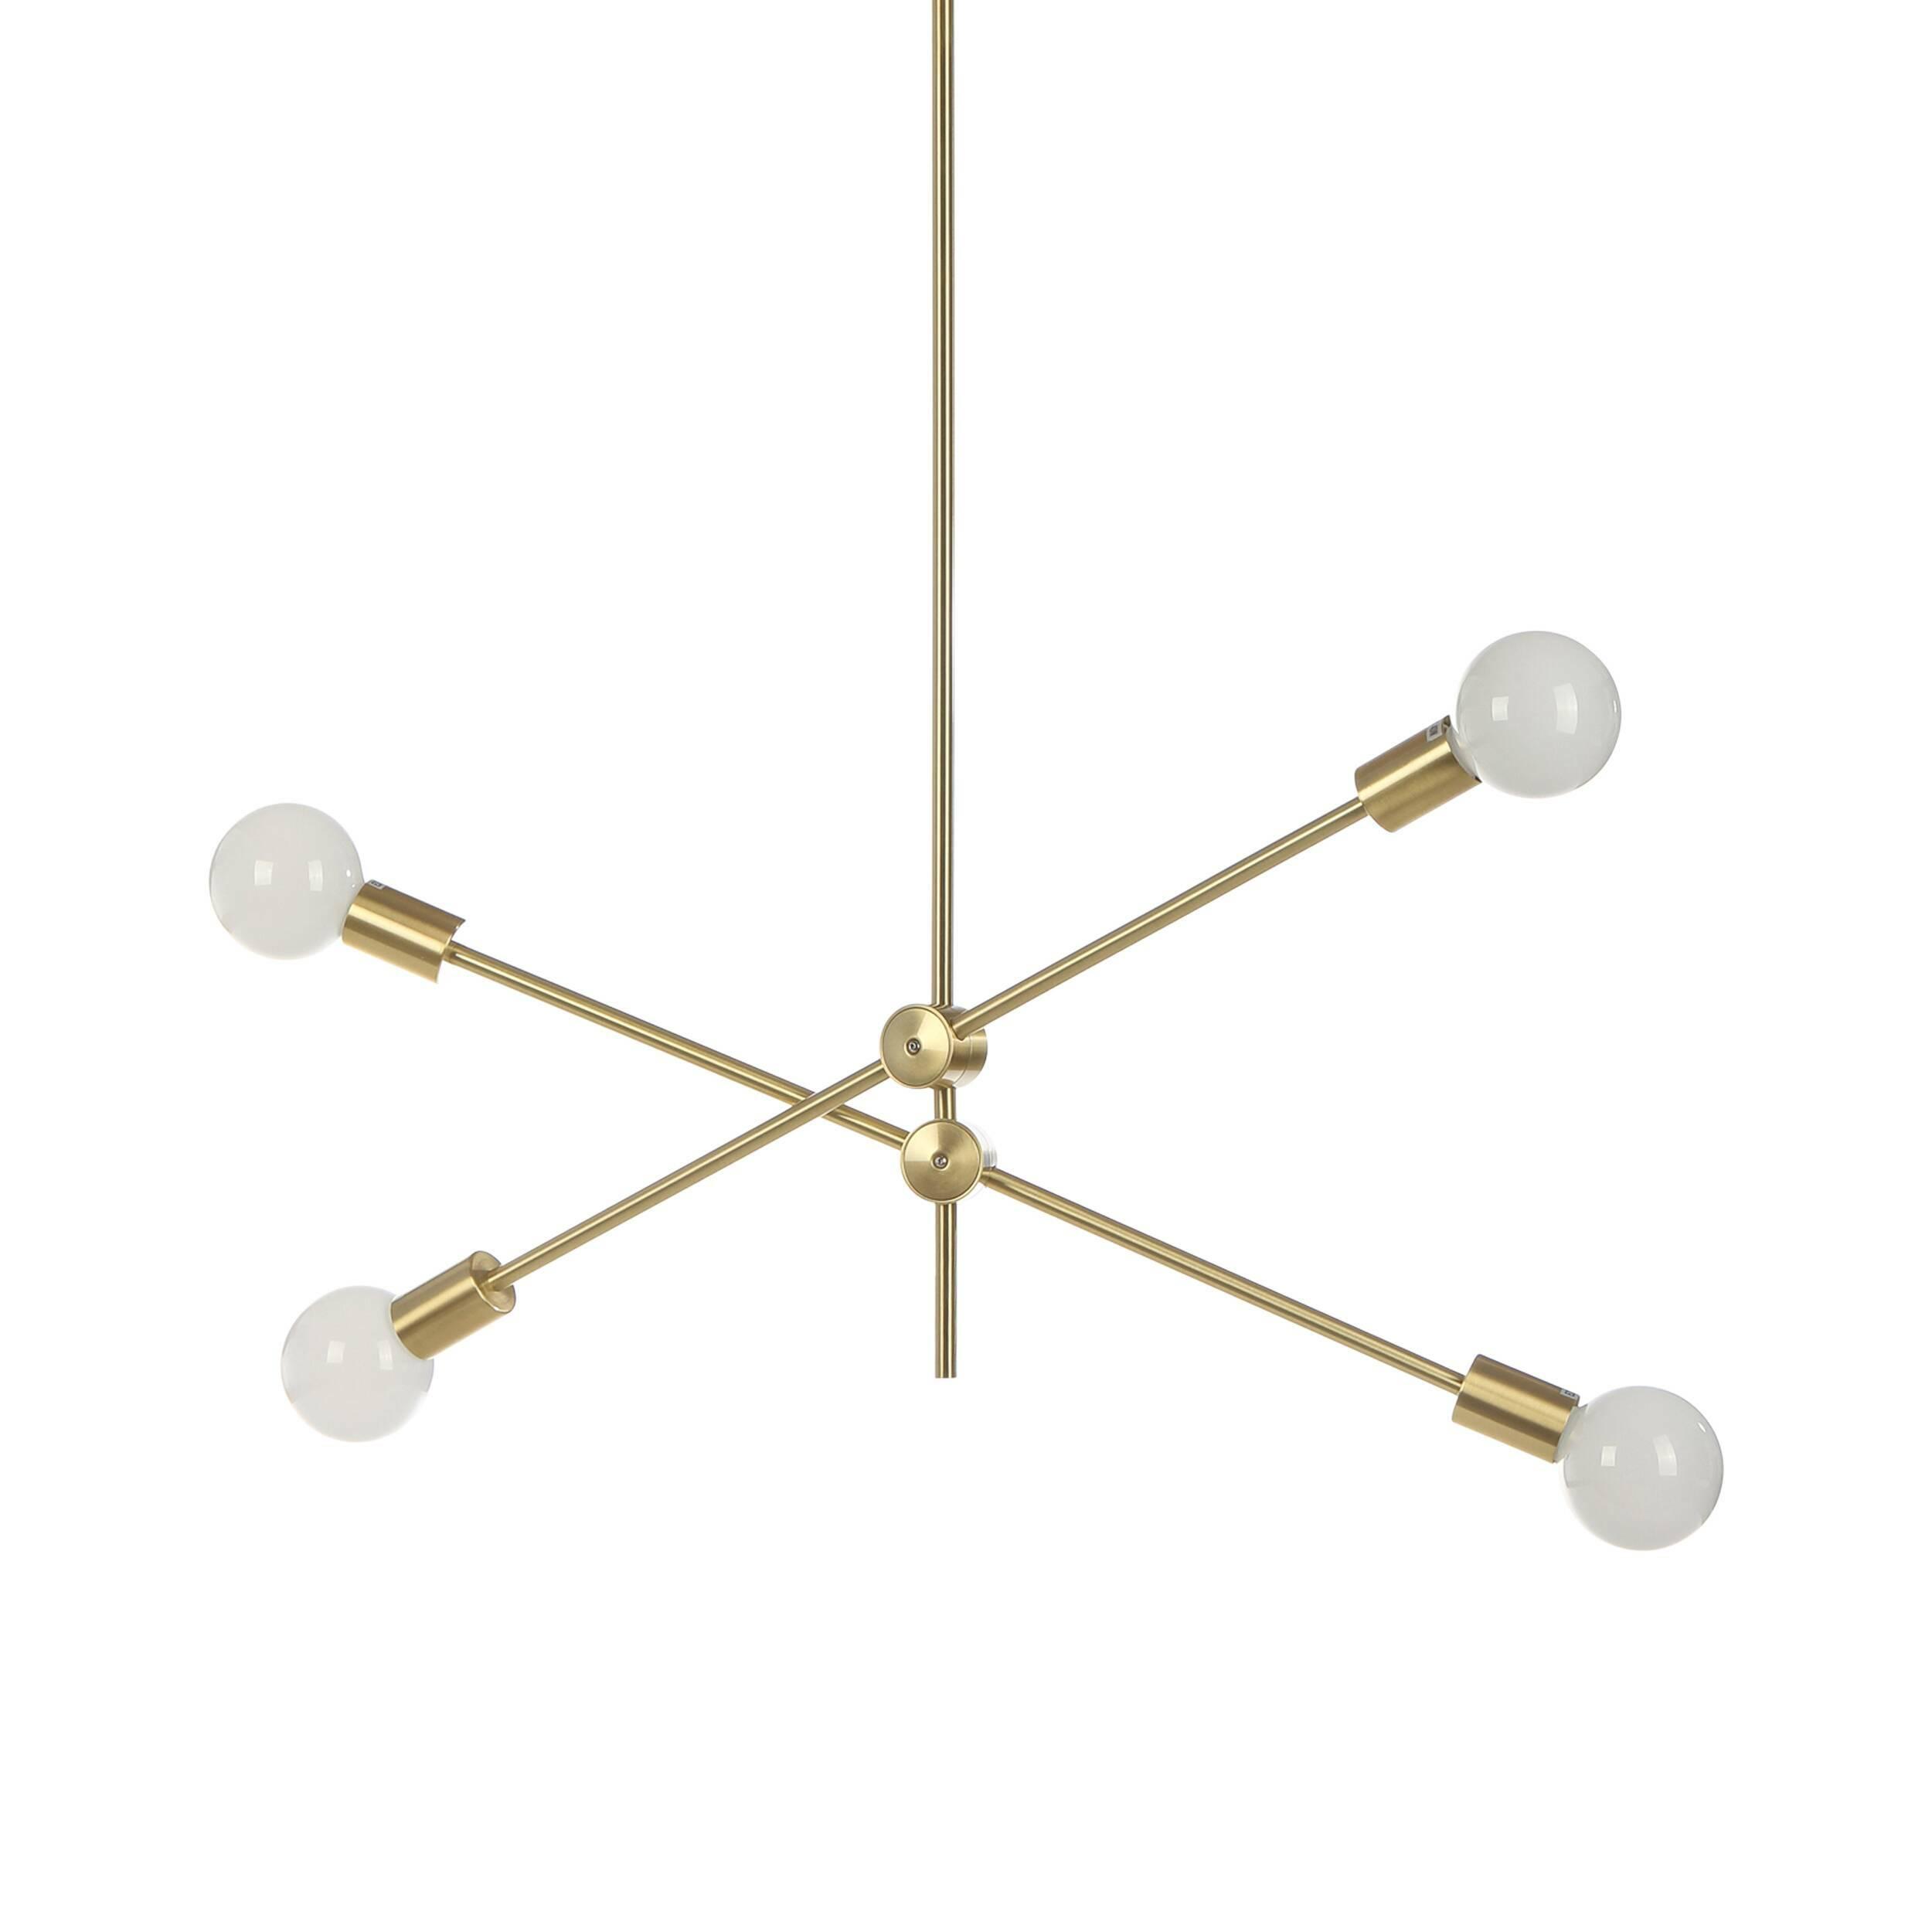 Потолочный светильник Nook, 4 лампыПотолочные<br>В современных интерьерных проектах все чаще используются минималистичные формы и геометрический формат окружающих элементов. Дизайнерский потолочный светильник Nook, 4 лампы – это идеальная модель, созданная в соответствии с этой тенденцией. Nook (Нук) представляет собой оригинальную композицию, которая напоминает геометрический инструмент. Такой светильник будет отличным дополнением в дизайне домашней комнаты.<br><br><br> Для создания этой модели дизайнеры выбрали один из самых надежных матер...<br><br>stock: 7<br>Ширина: 95<br>Длина: 215<br>Количество ламп: 4<br>Материал арматуры: Металл<br>Мощность лампы: 4<br>Тип лампы/цоколь: E27+LED<br>Цвет арматуры: Золотой